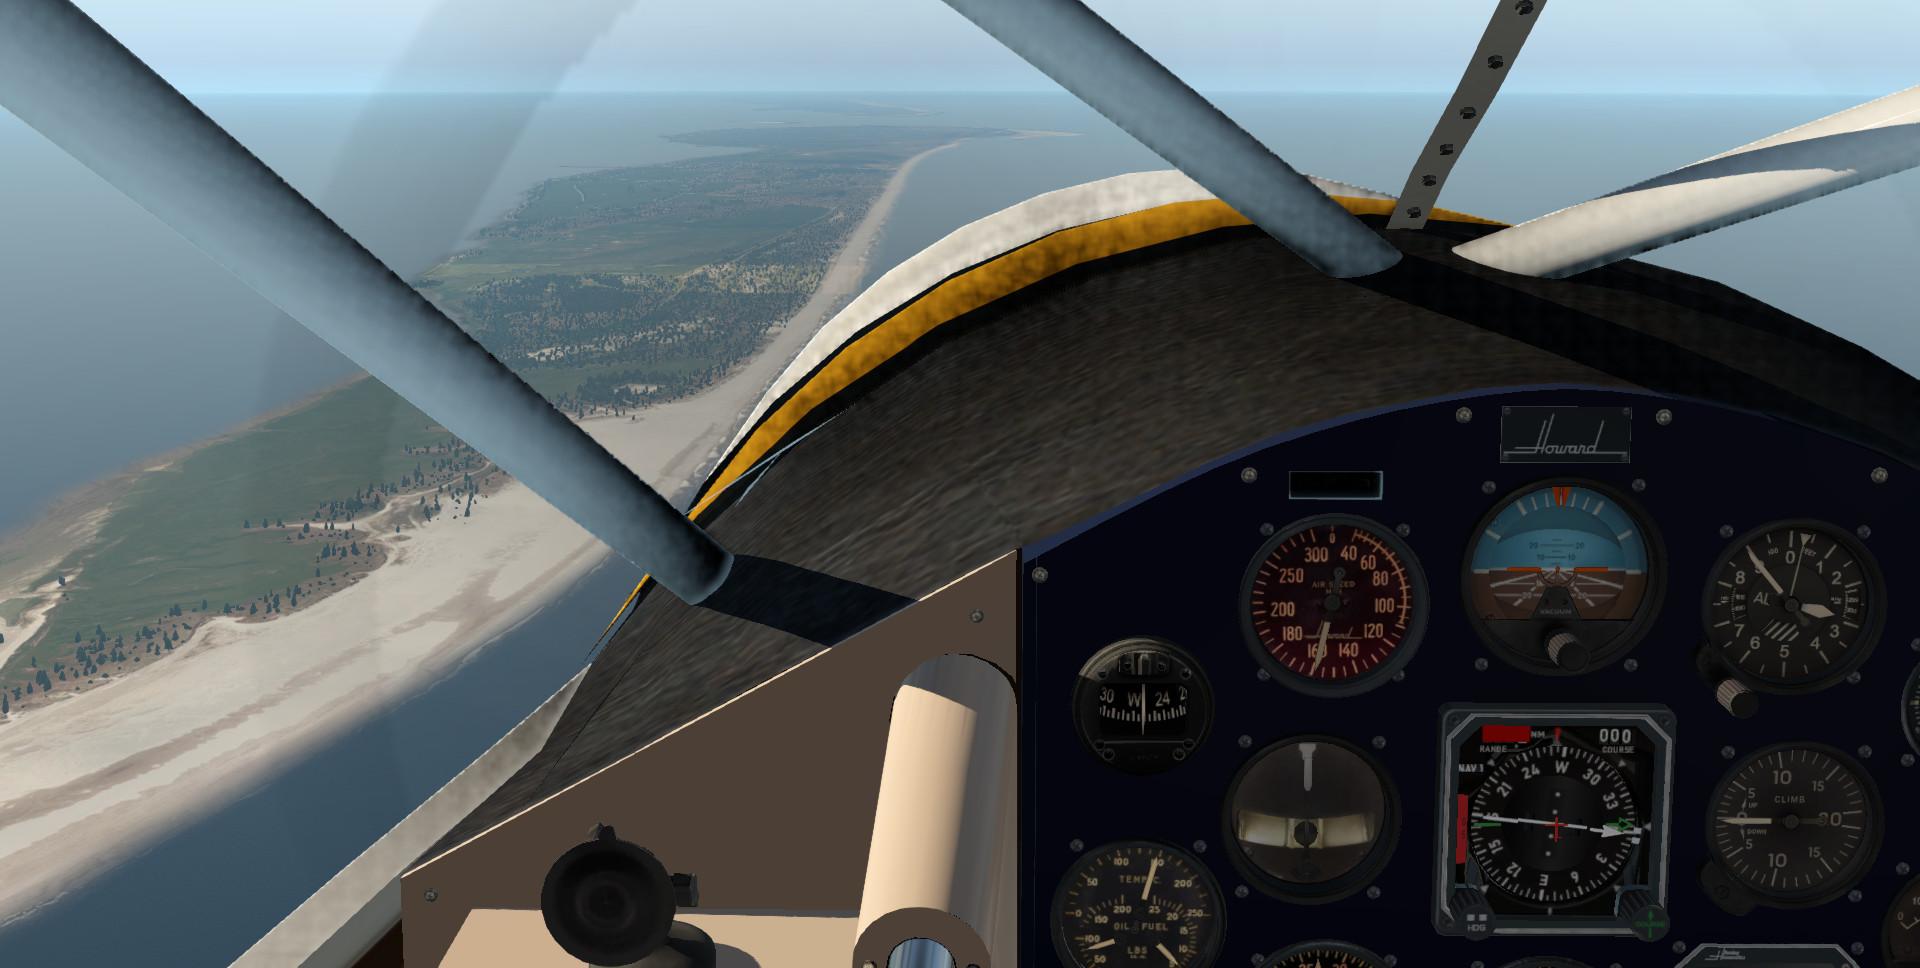 nordseerundflug-019oakm8.jpg